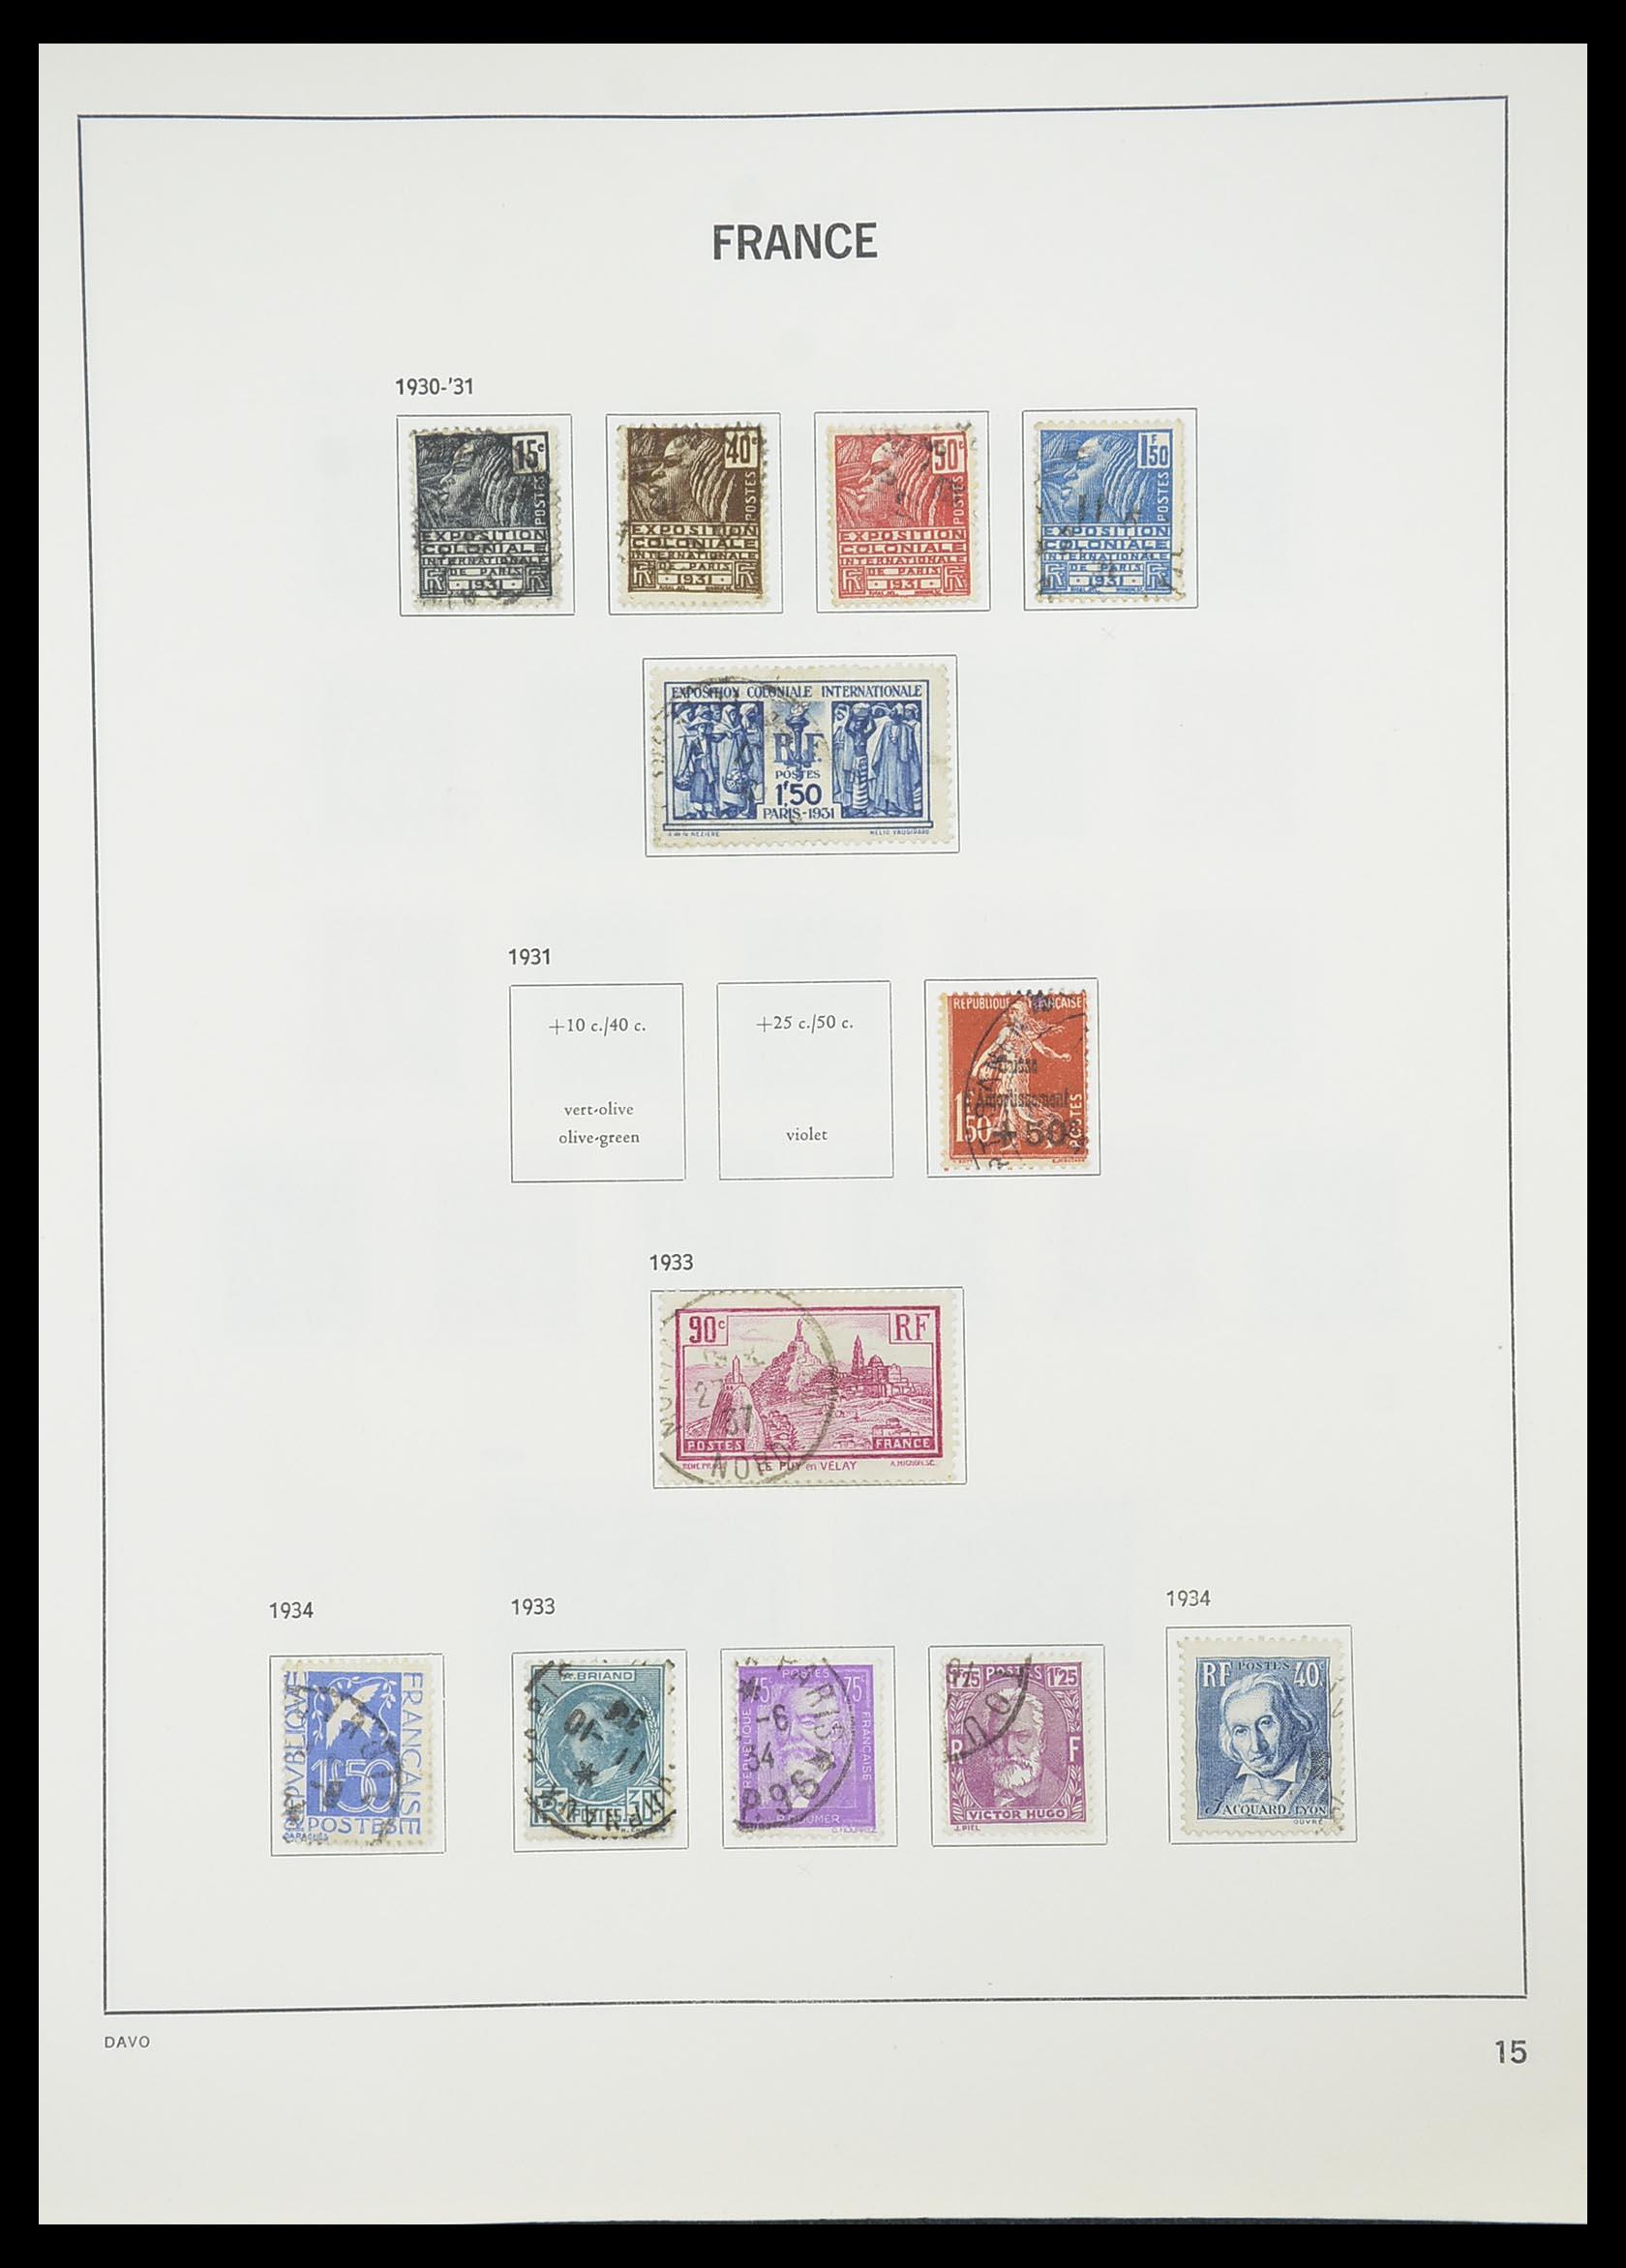 33819 017 - Postzegelverzameling 33819 Frankrijk 1849-1988.